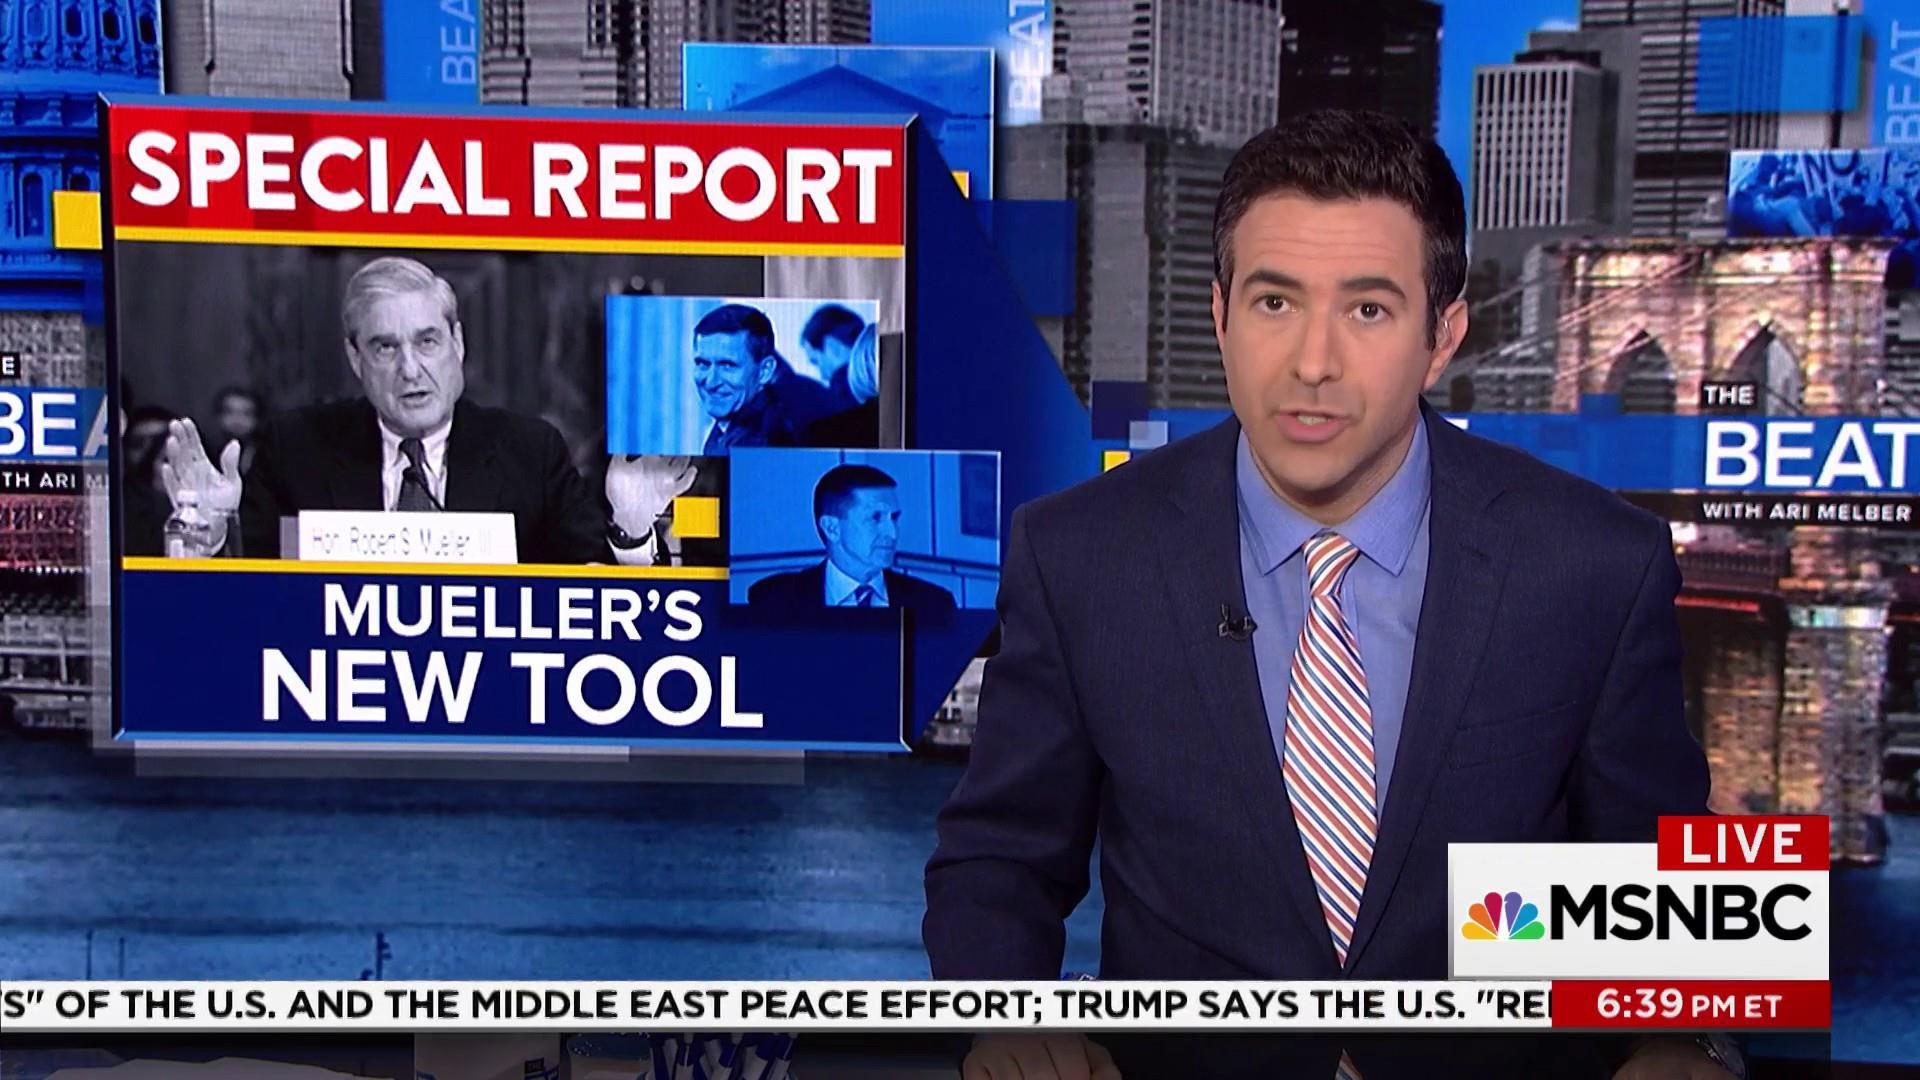 Ari Melber breaks story on Mueller's path...